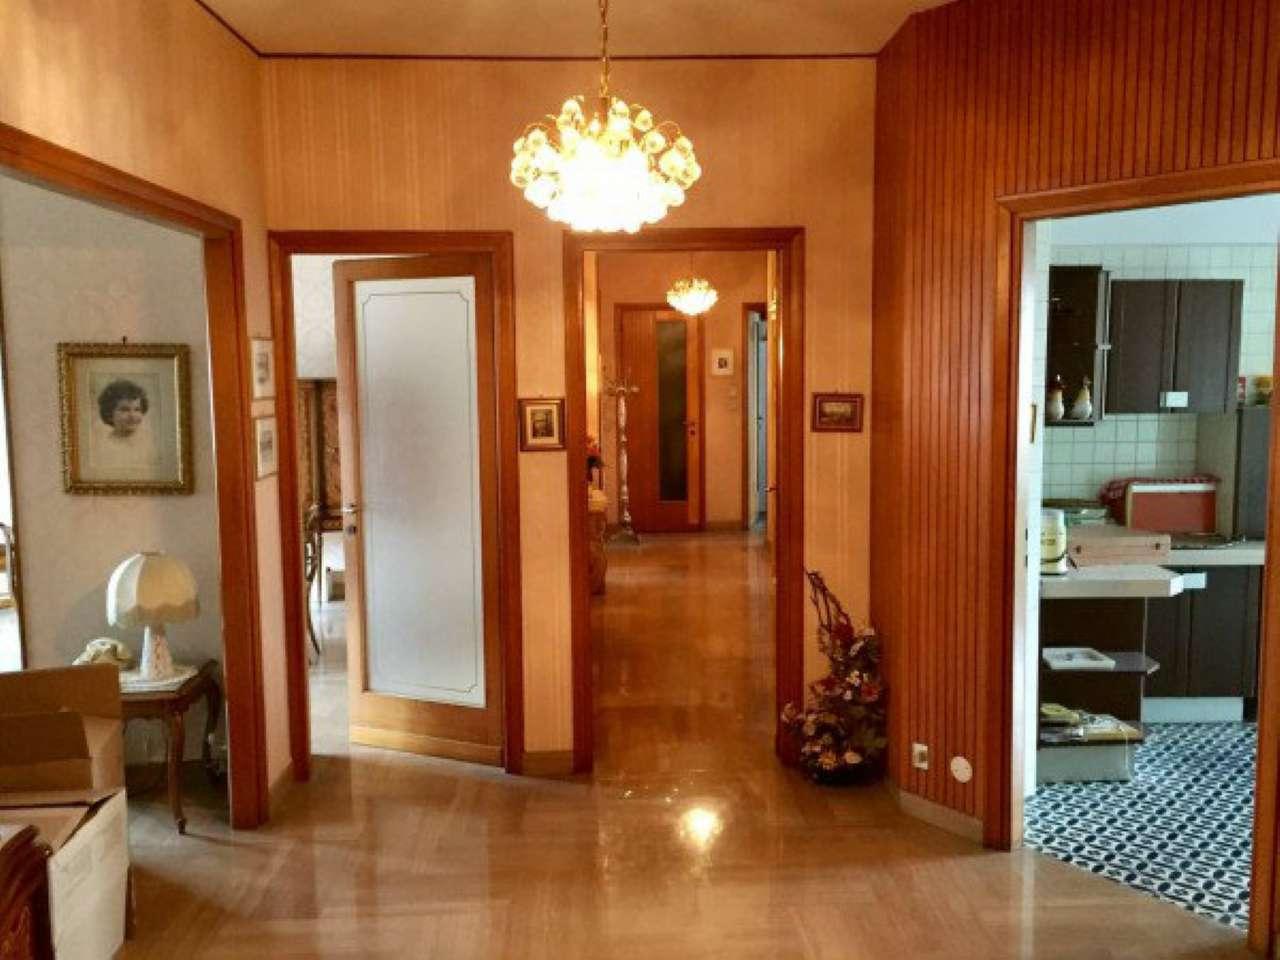 Appartamento 5 locali in vendita a Torino (TO)